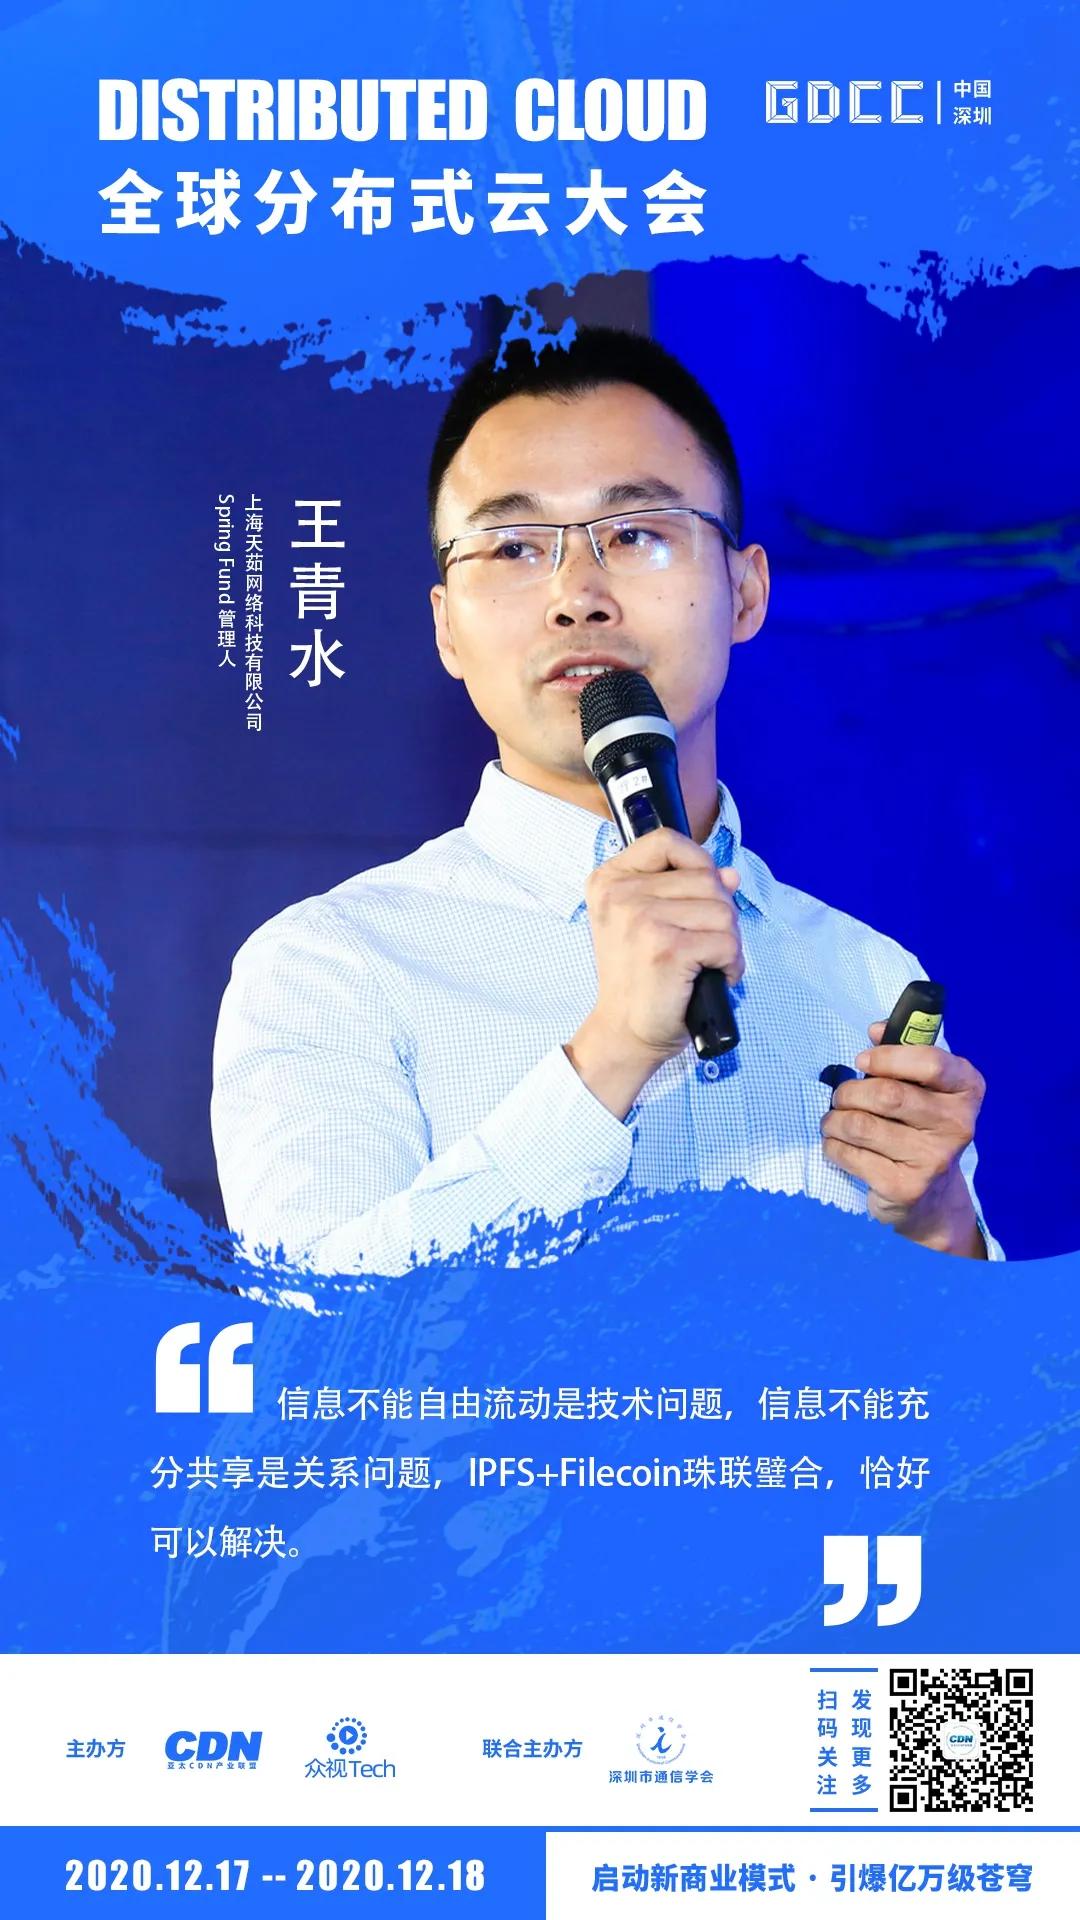 「天茹网络」Shawn Wang:起步于存储,兴盛于数据,枢纽在传输